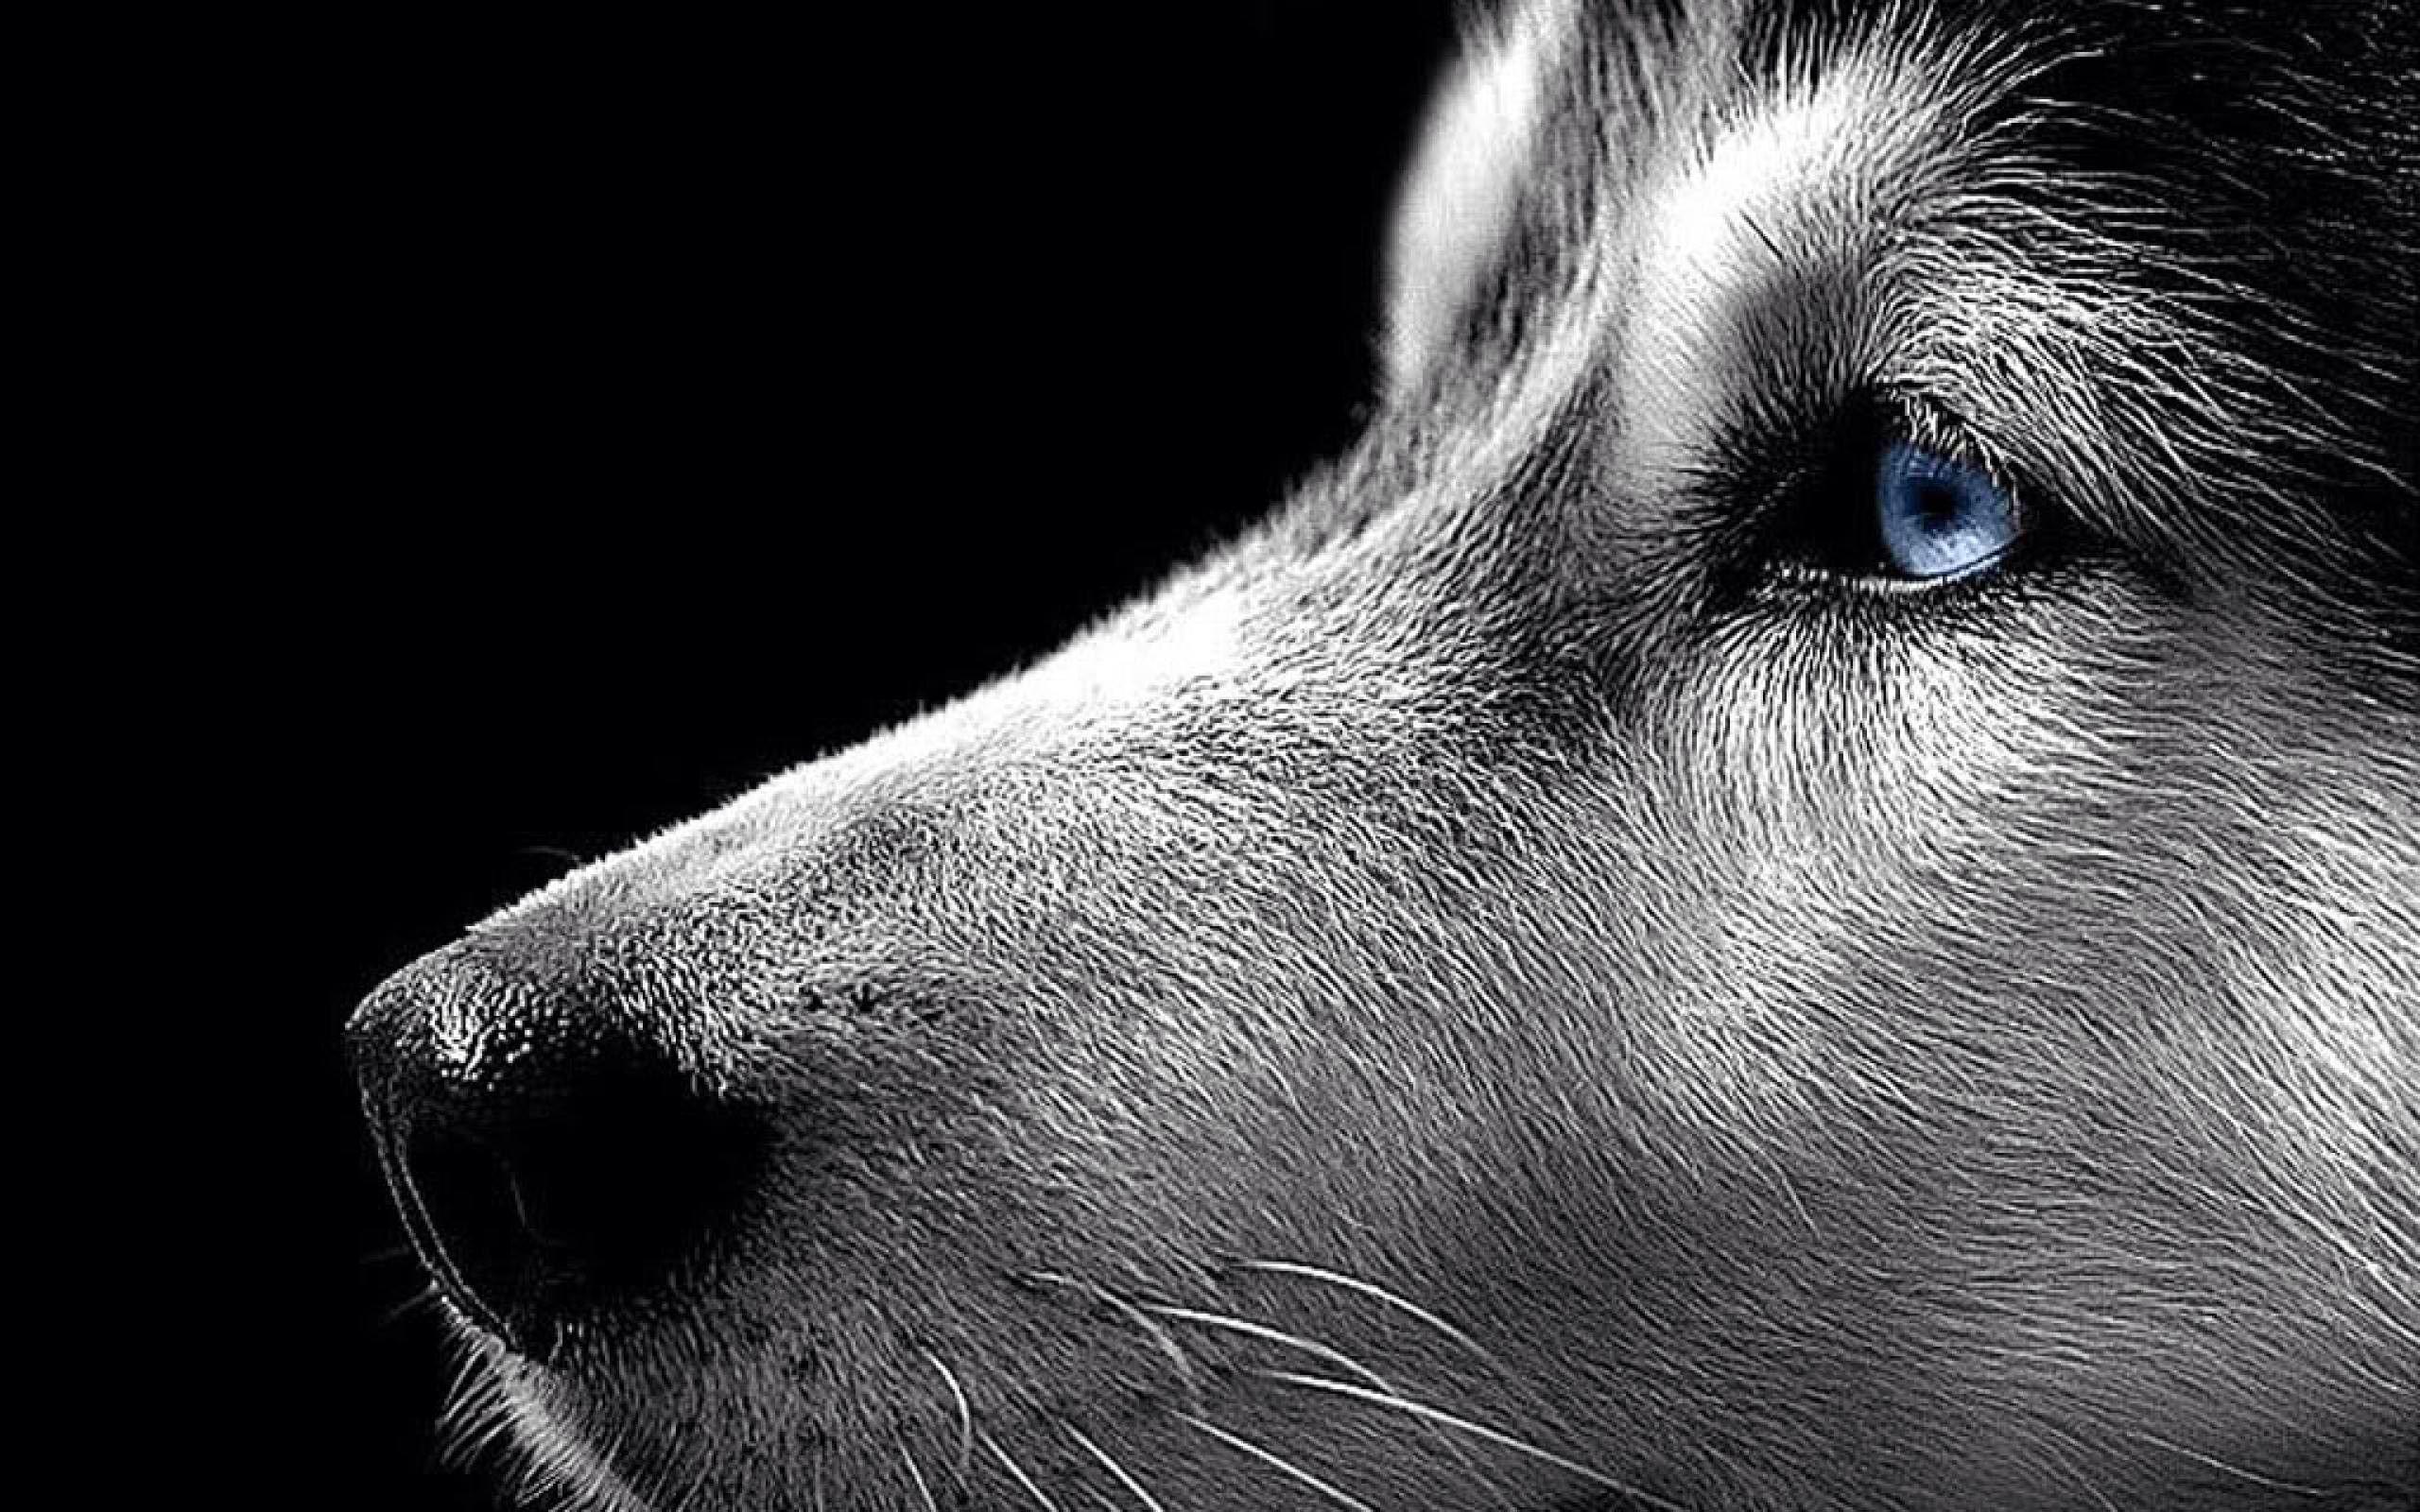 Wallpaper Husky Lover Siberian Husky Dog White Siberian